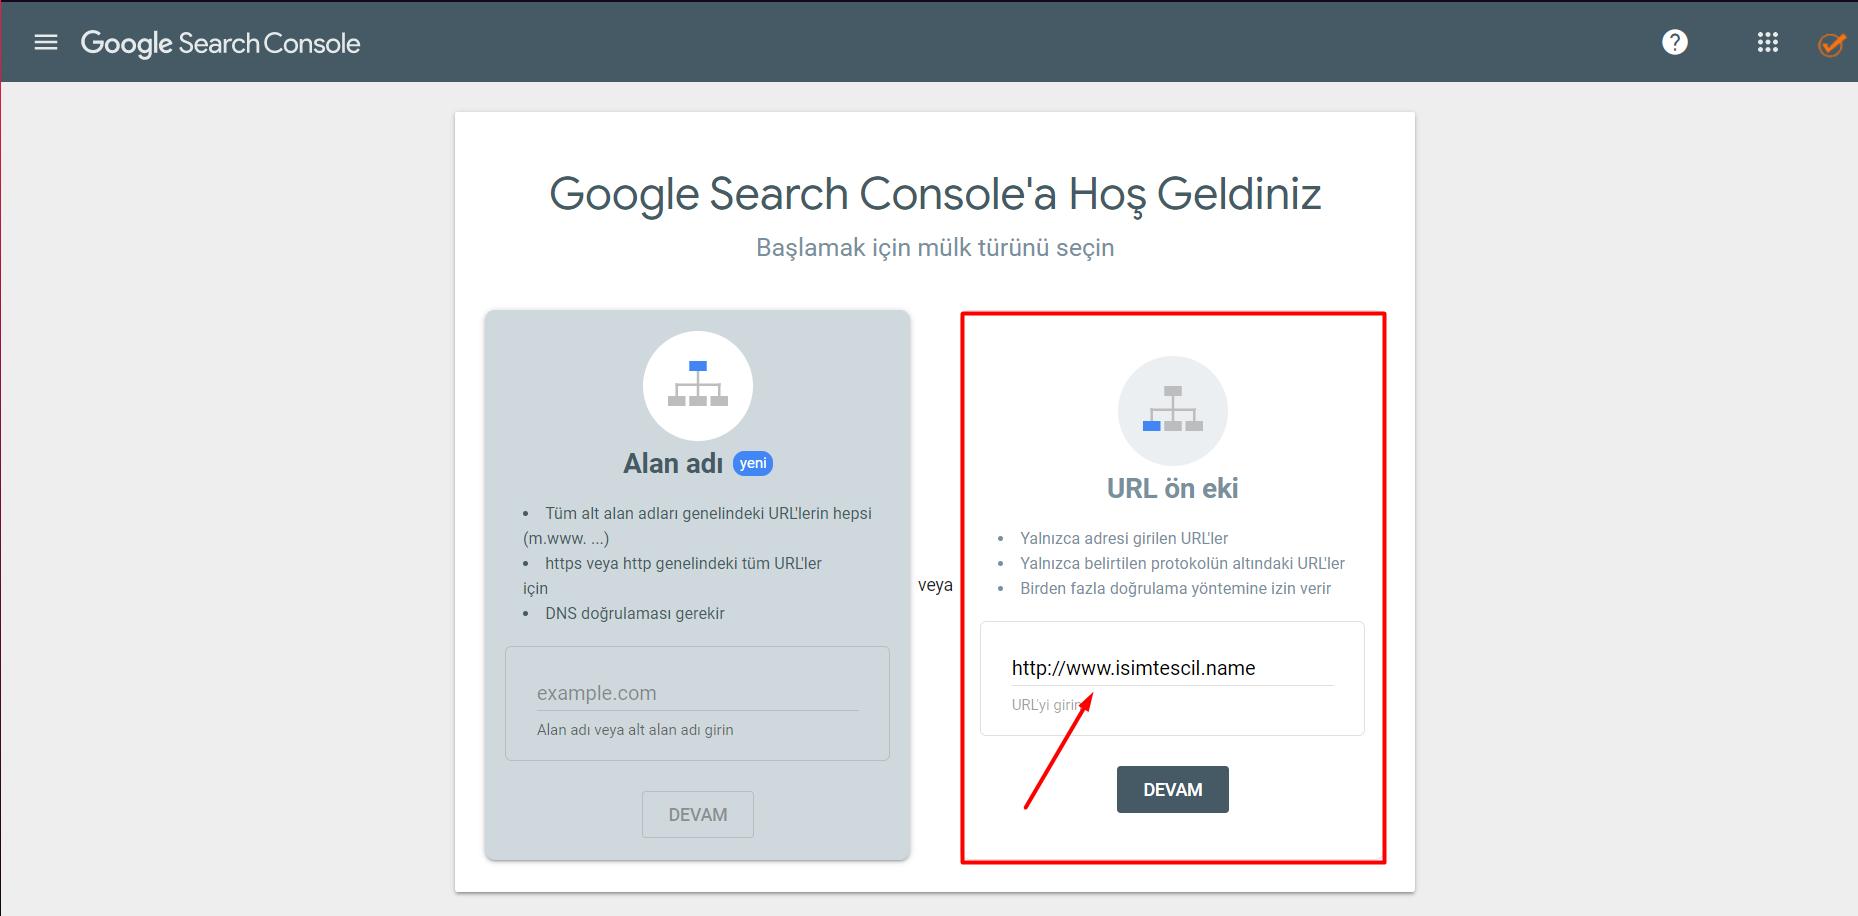 URL Ön Eki ile Google Search Console Kaydı